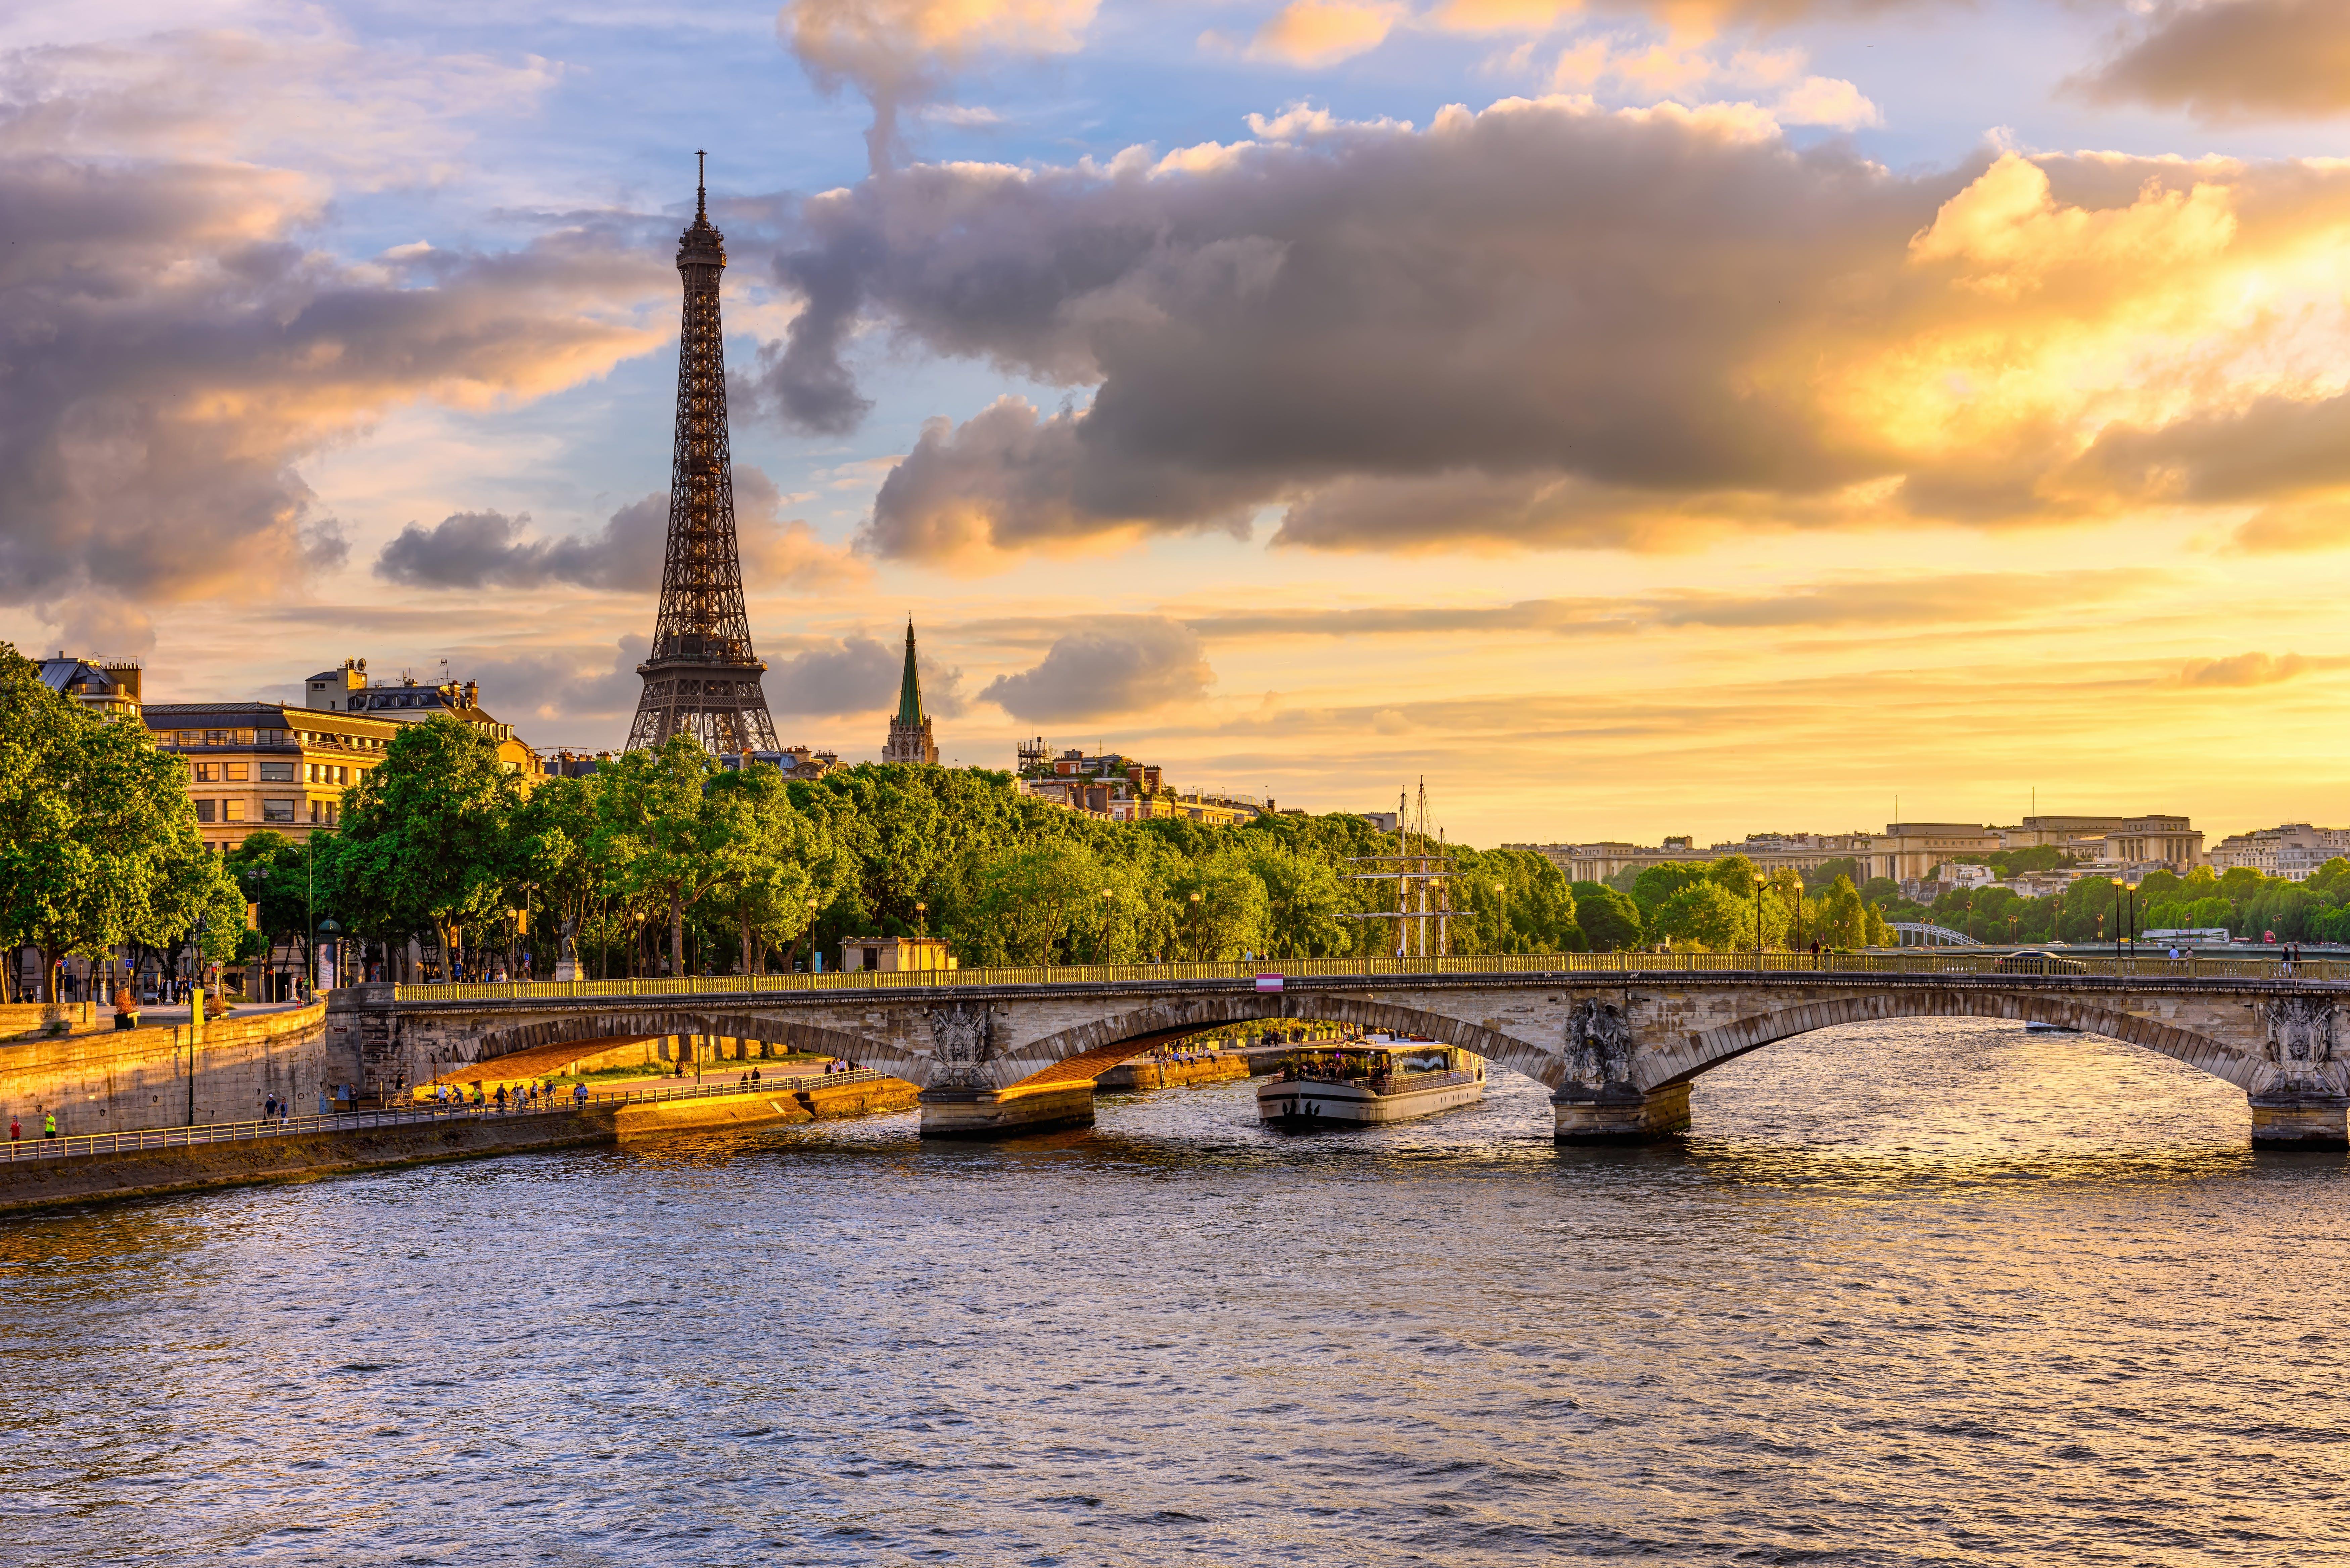 Seine River cuts through Paris, France